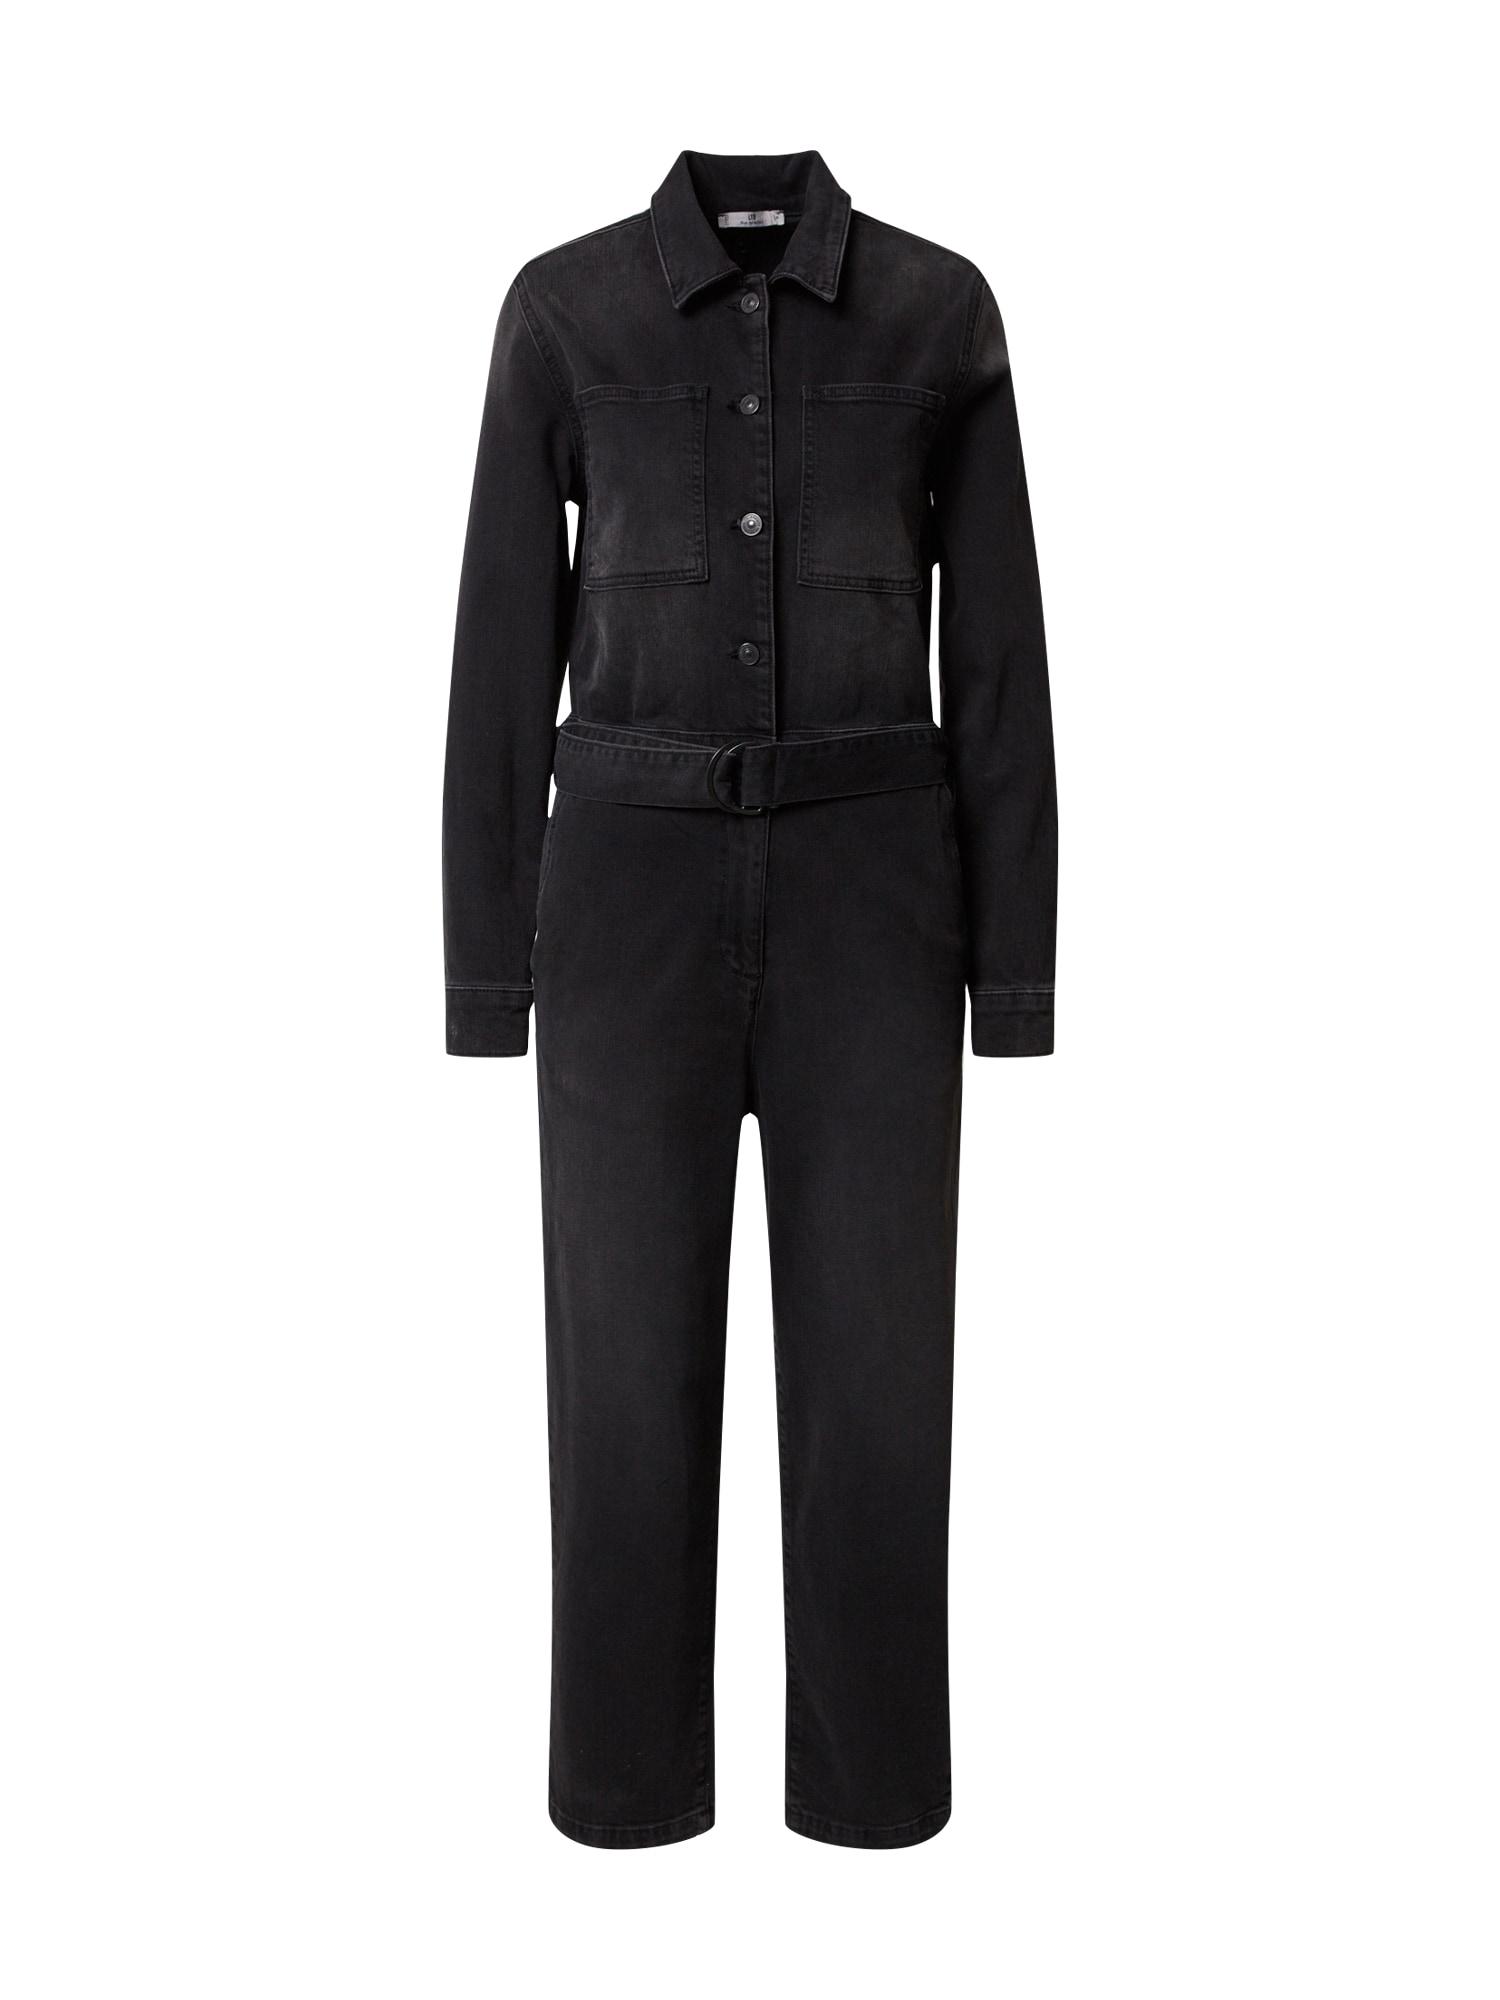 LTB Vienos dalies kostiumas 'Lona' juodo džinso spalva